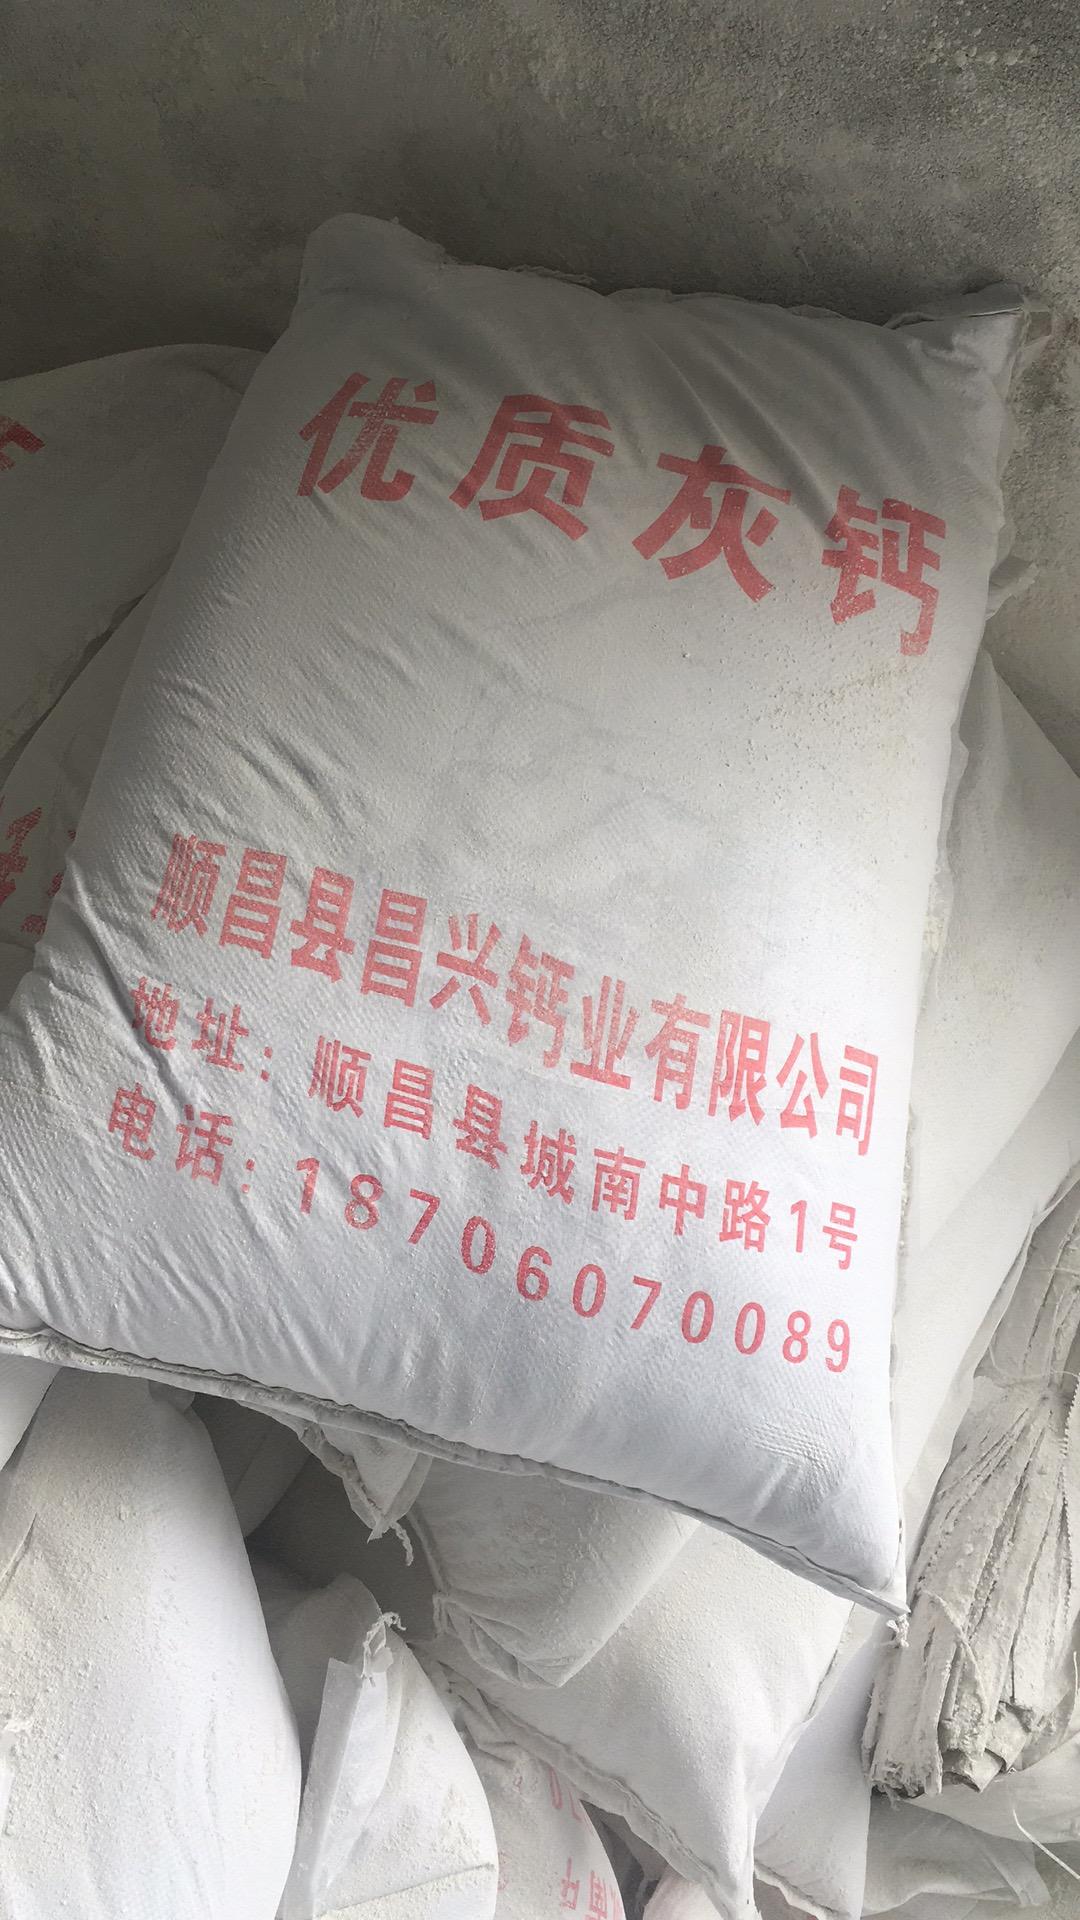 灰钙 福建灰钙粉厂家批发价格 灰钙粉的硬化原理